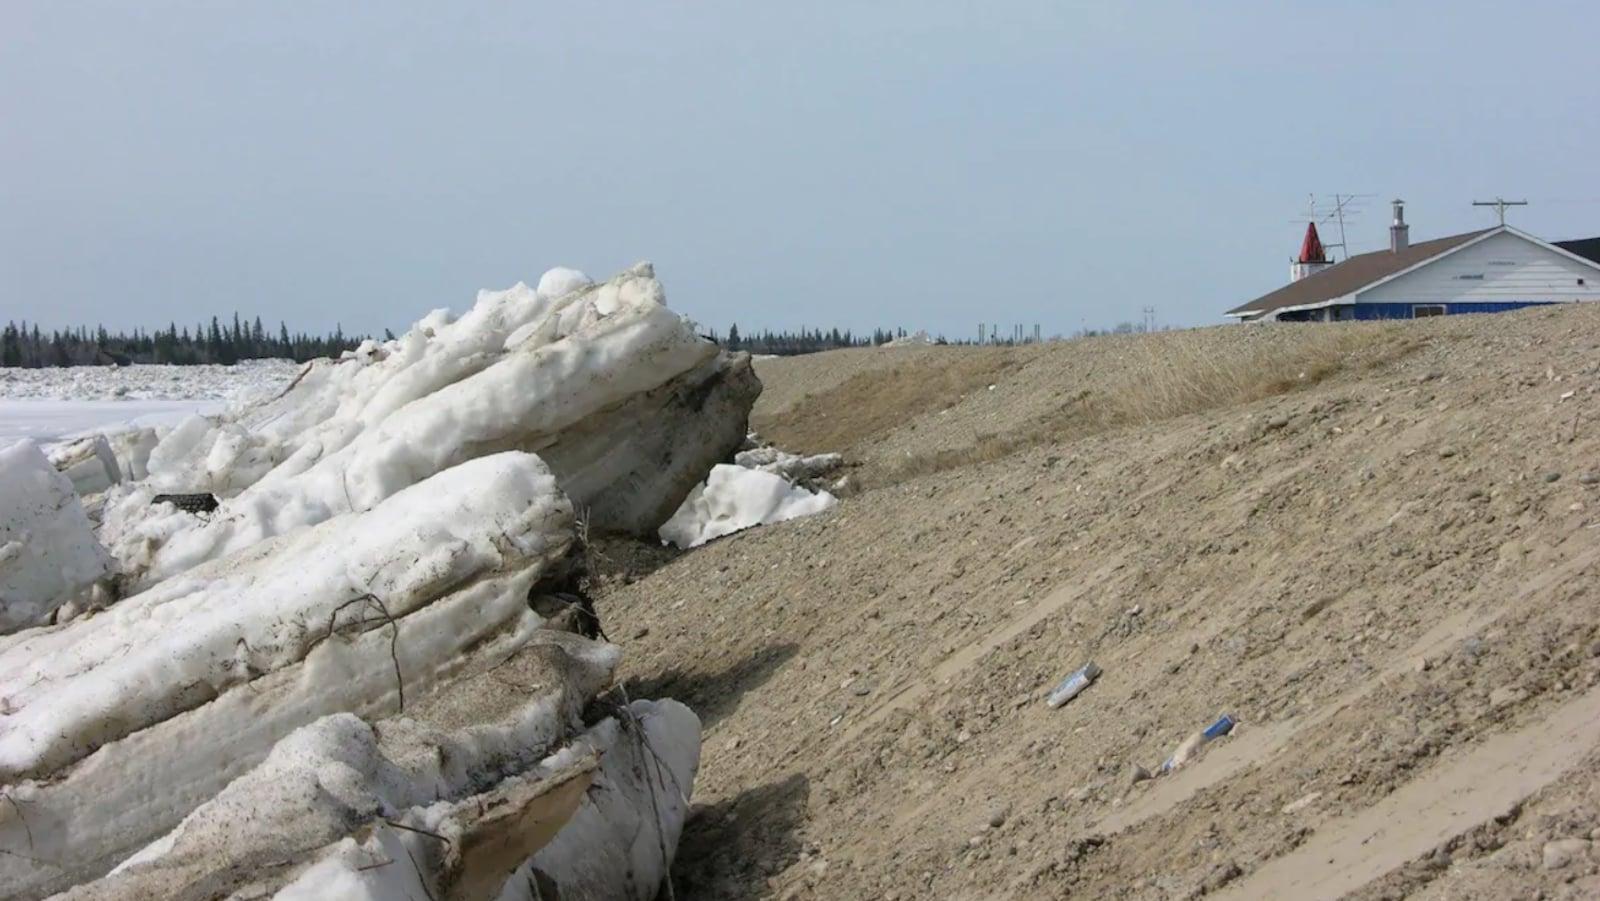 Des morceaux de glace grimpent le long d'une digue.